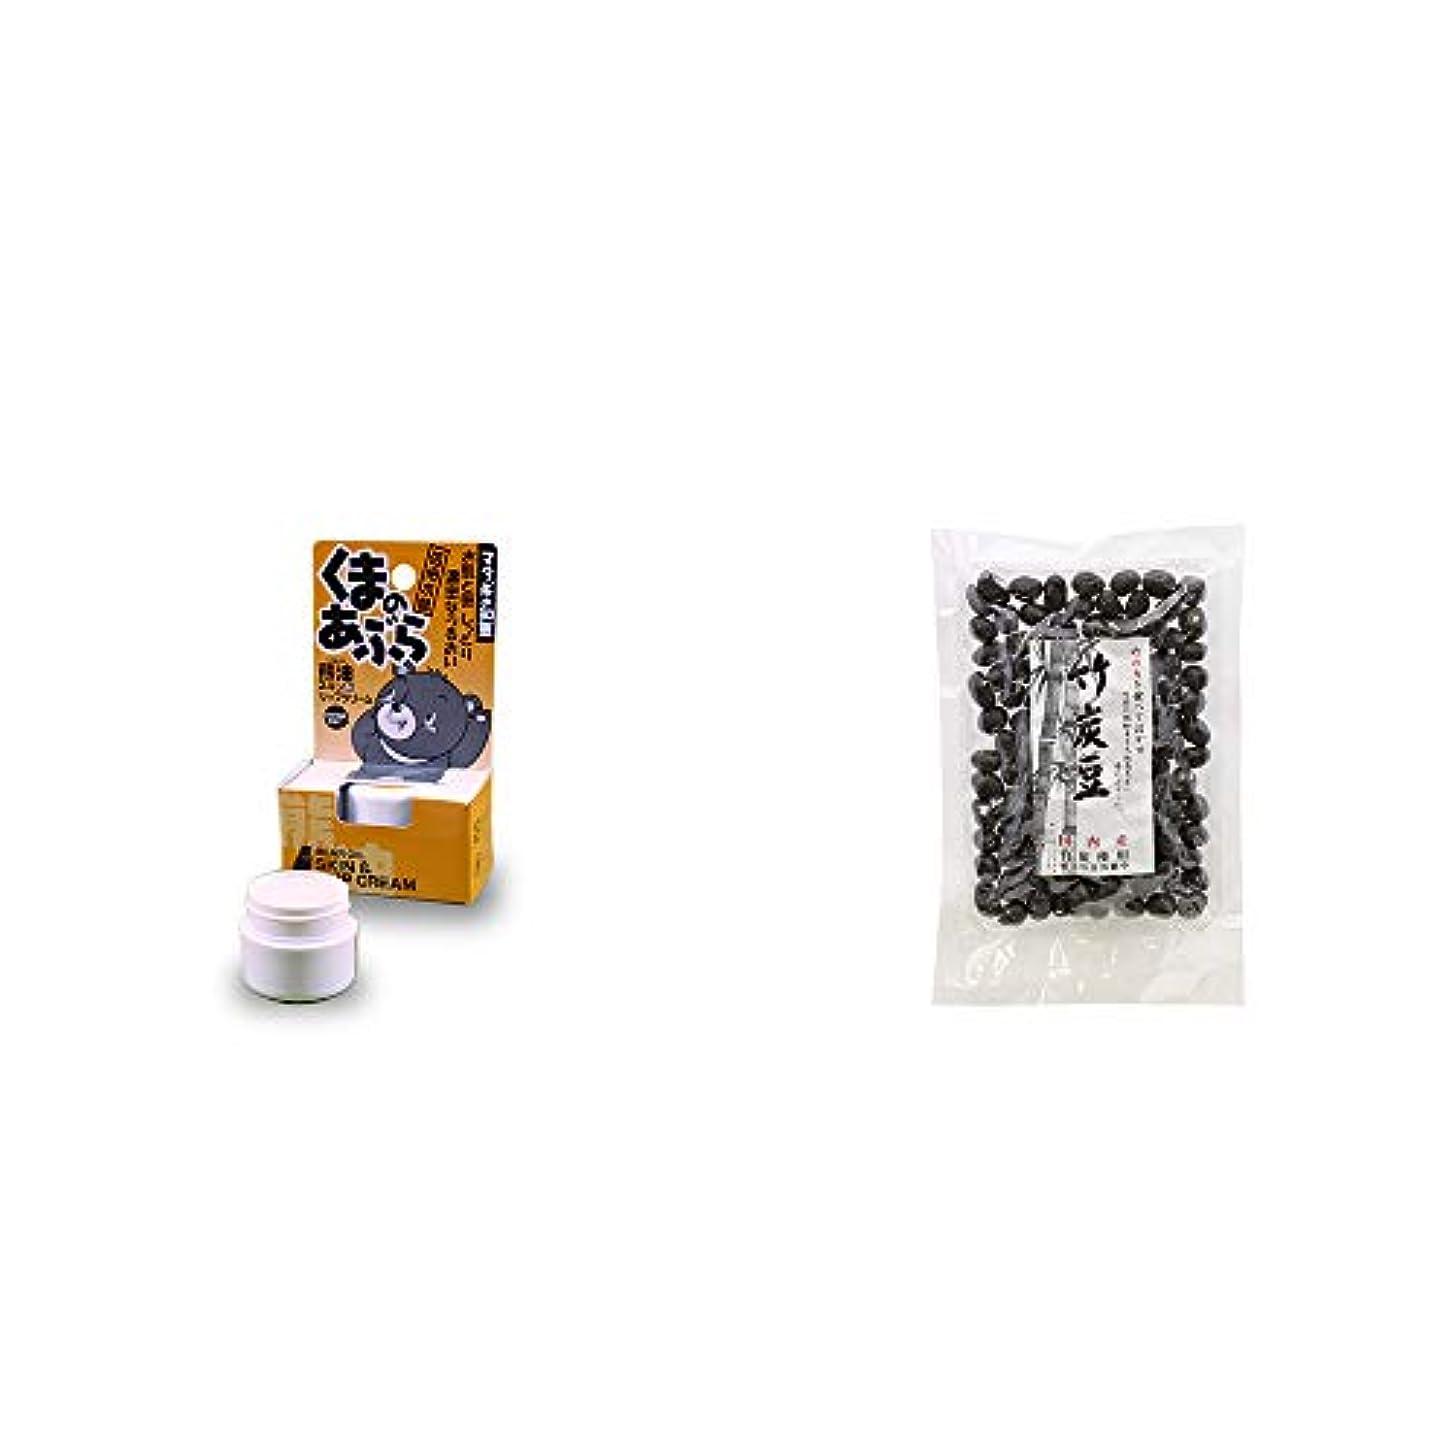 アシスト報酬の接辞[2点セット] 信州木曽 くまのあぶら 熊油スキン&リップクリーム(9g)?国内産 竹炭使用 竹炭豆(160g)